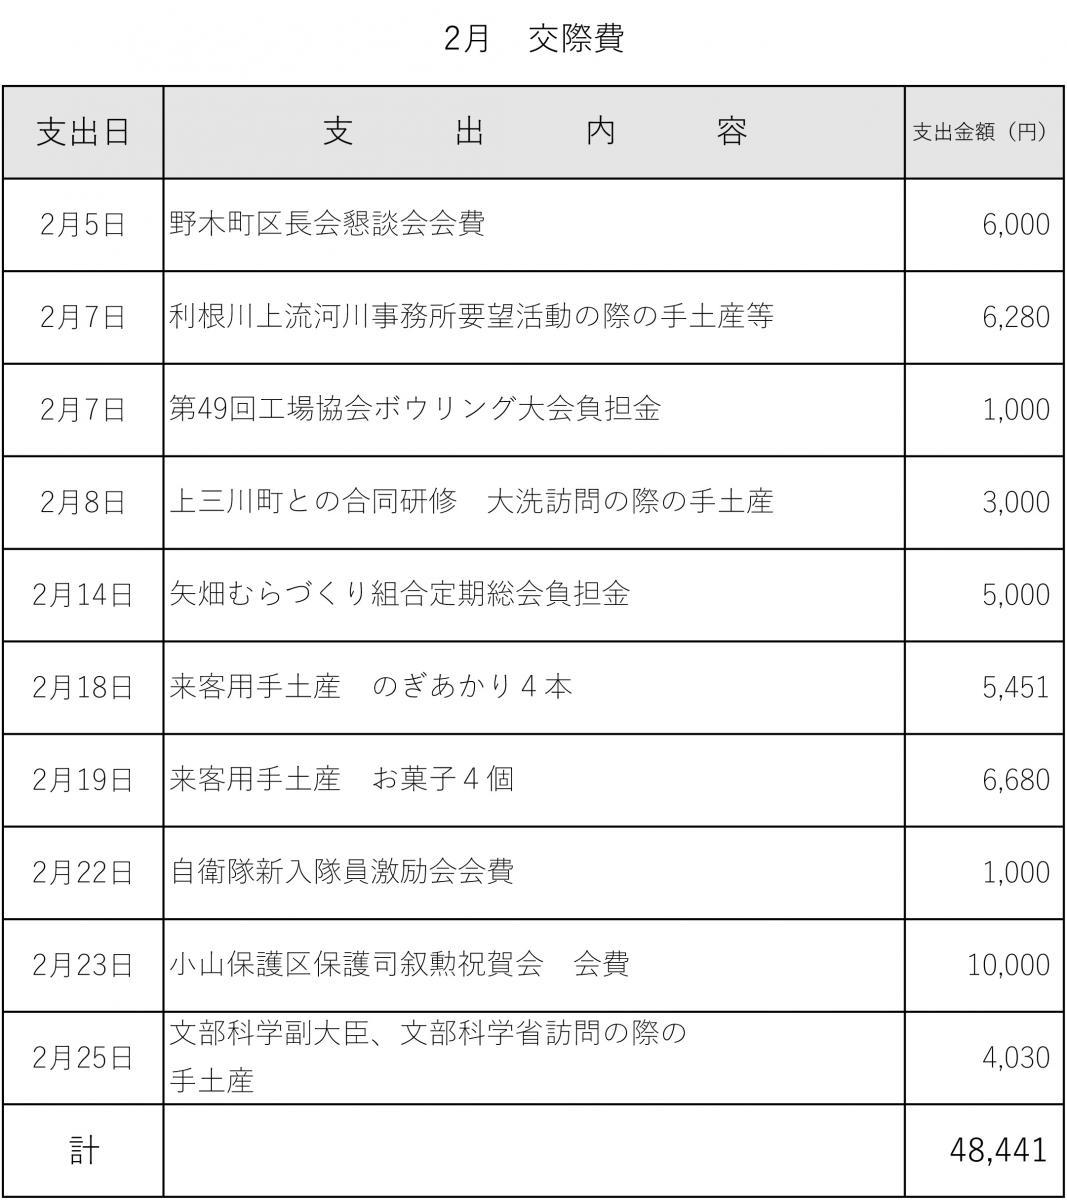 町長交際費令和2年2月